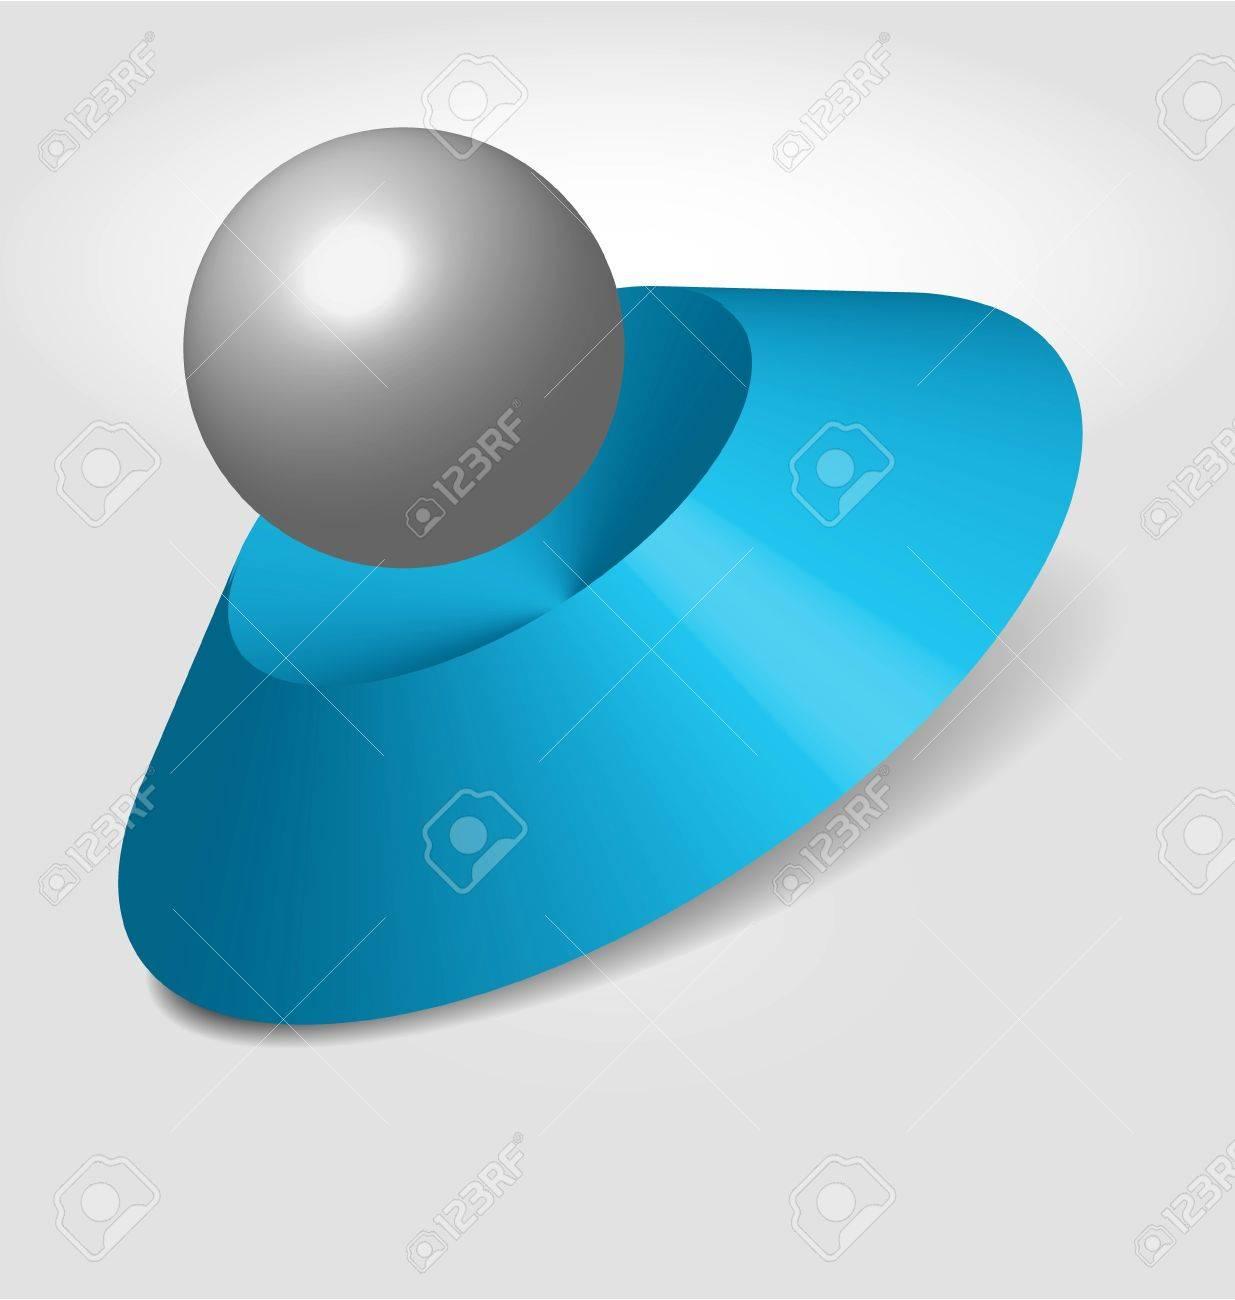 abstract logo design (3D) Stock Vector - 15593569